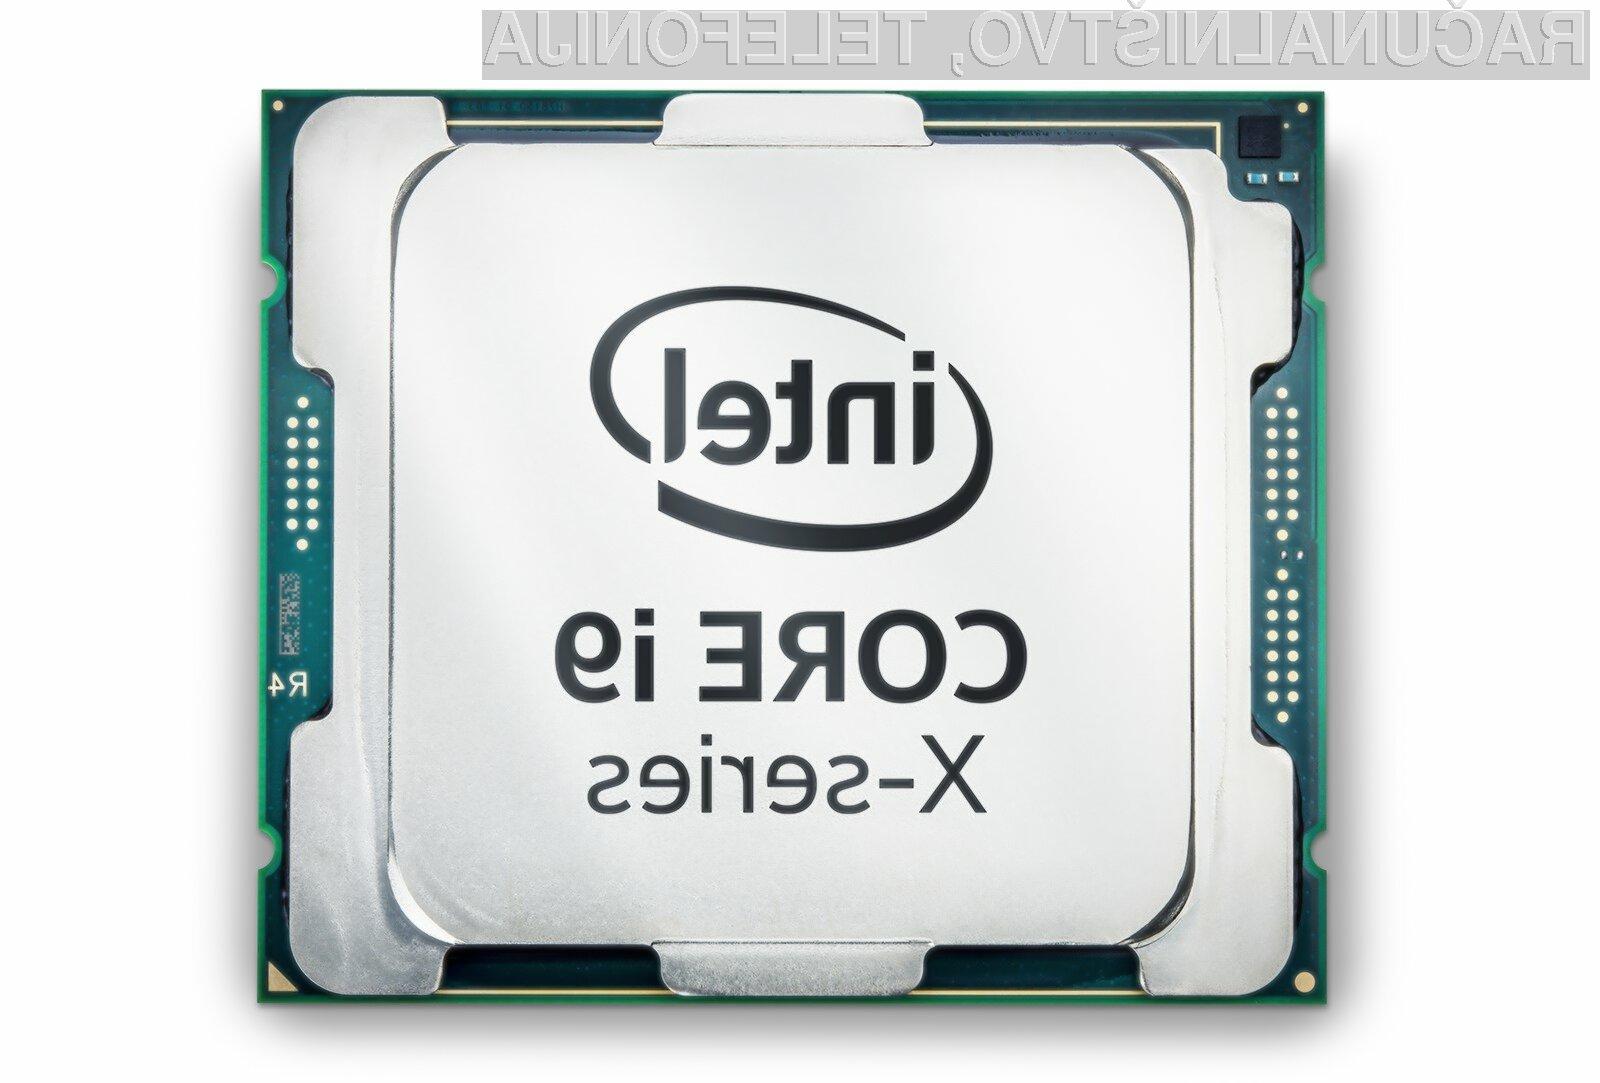 Novi procesorji Intel bodo precej zmogljivejši od zdajšnjih.